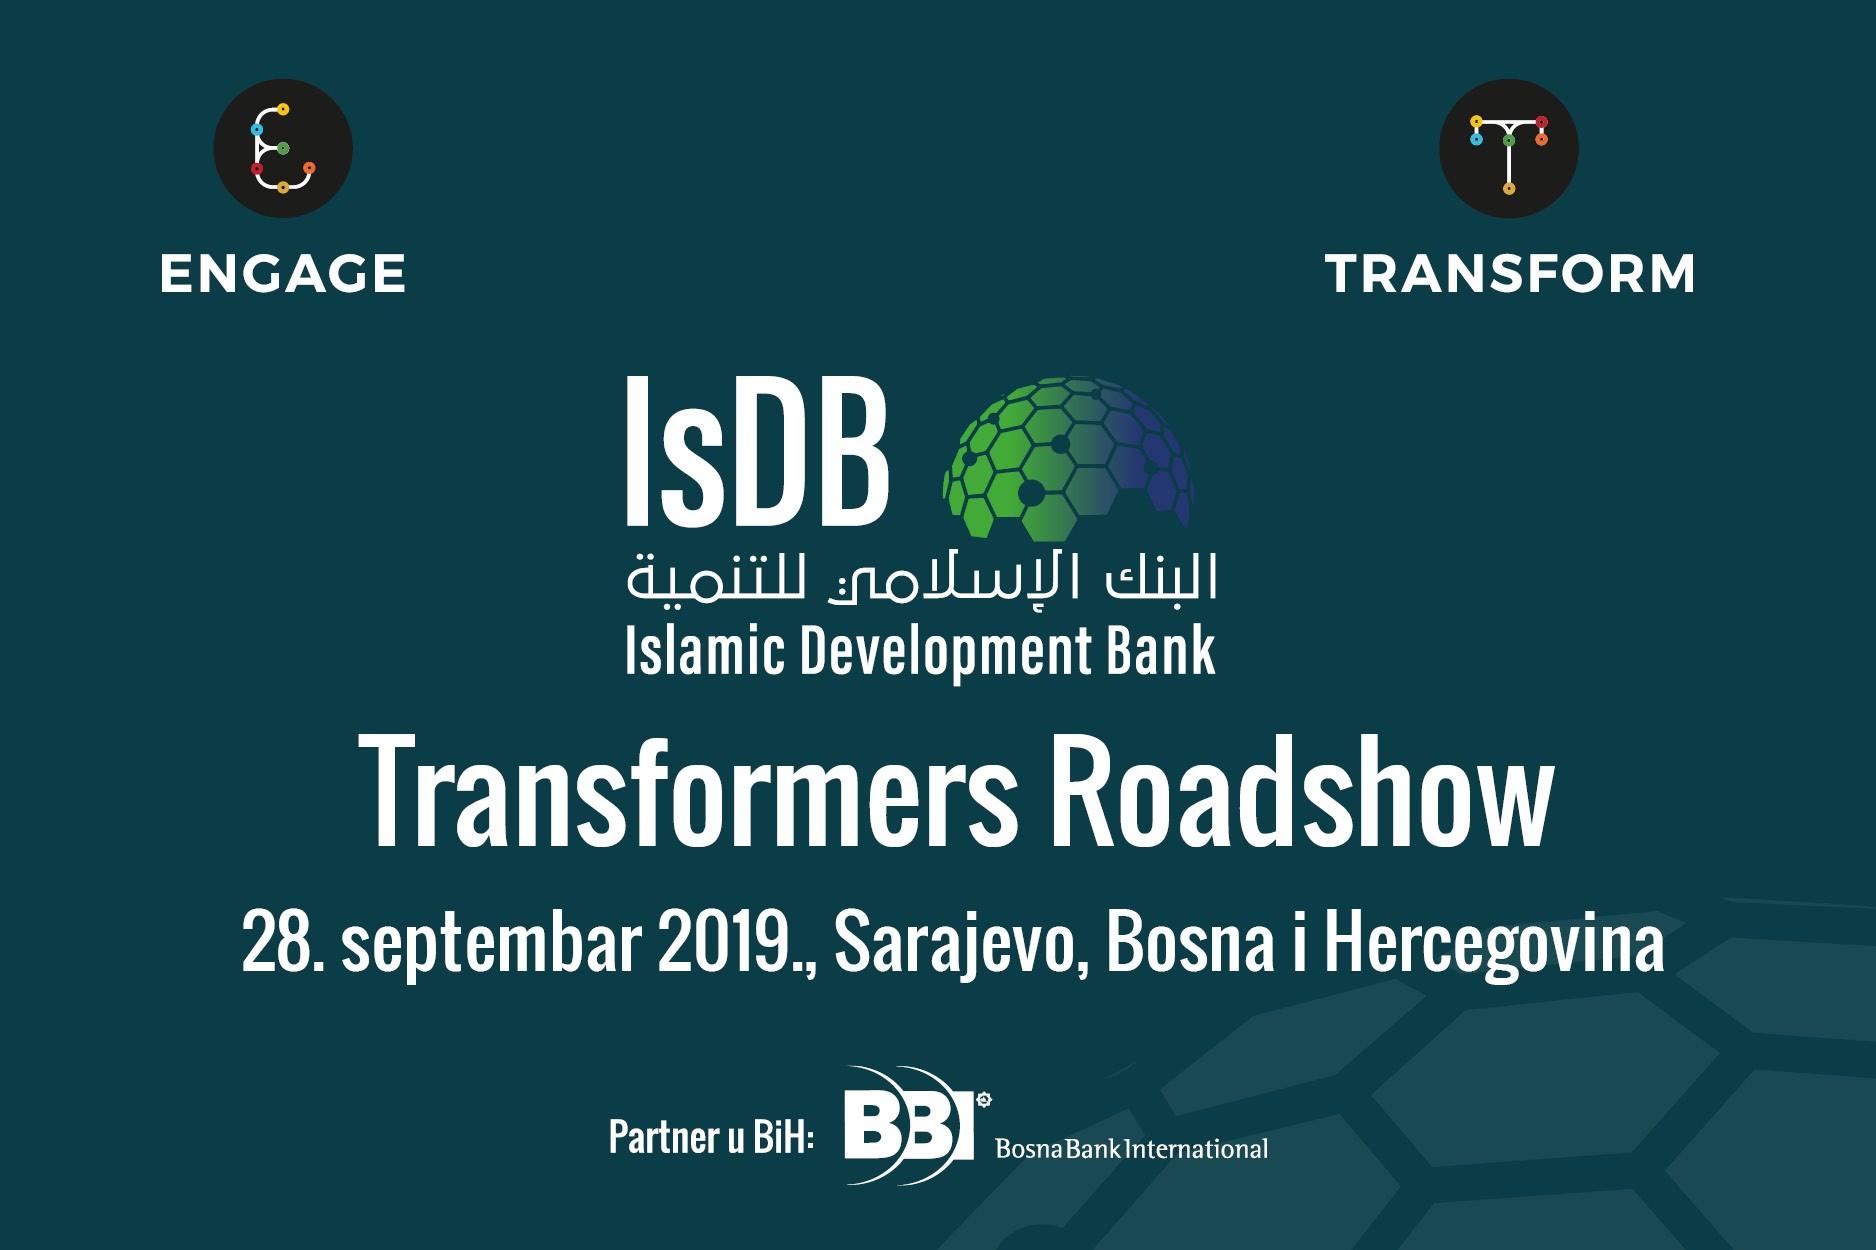 """Takmičenje """"Transformers Roadshow"""" stiže u Bosnu i Hercegovinu"""